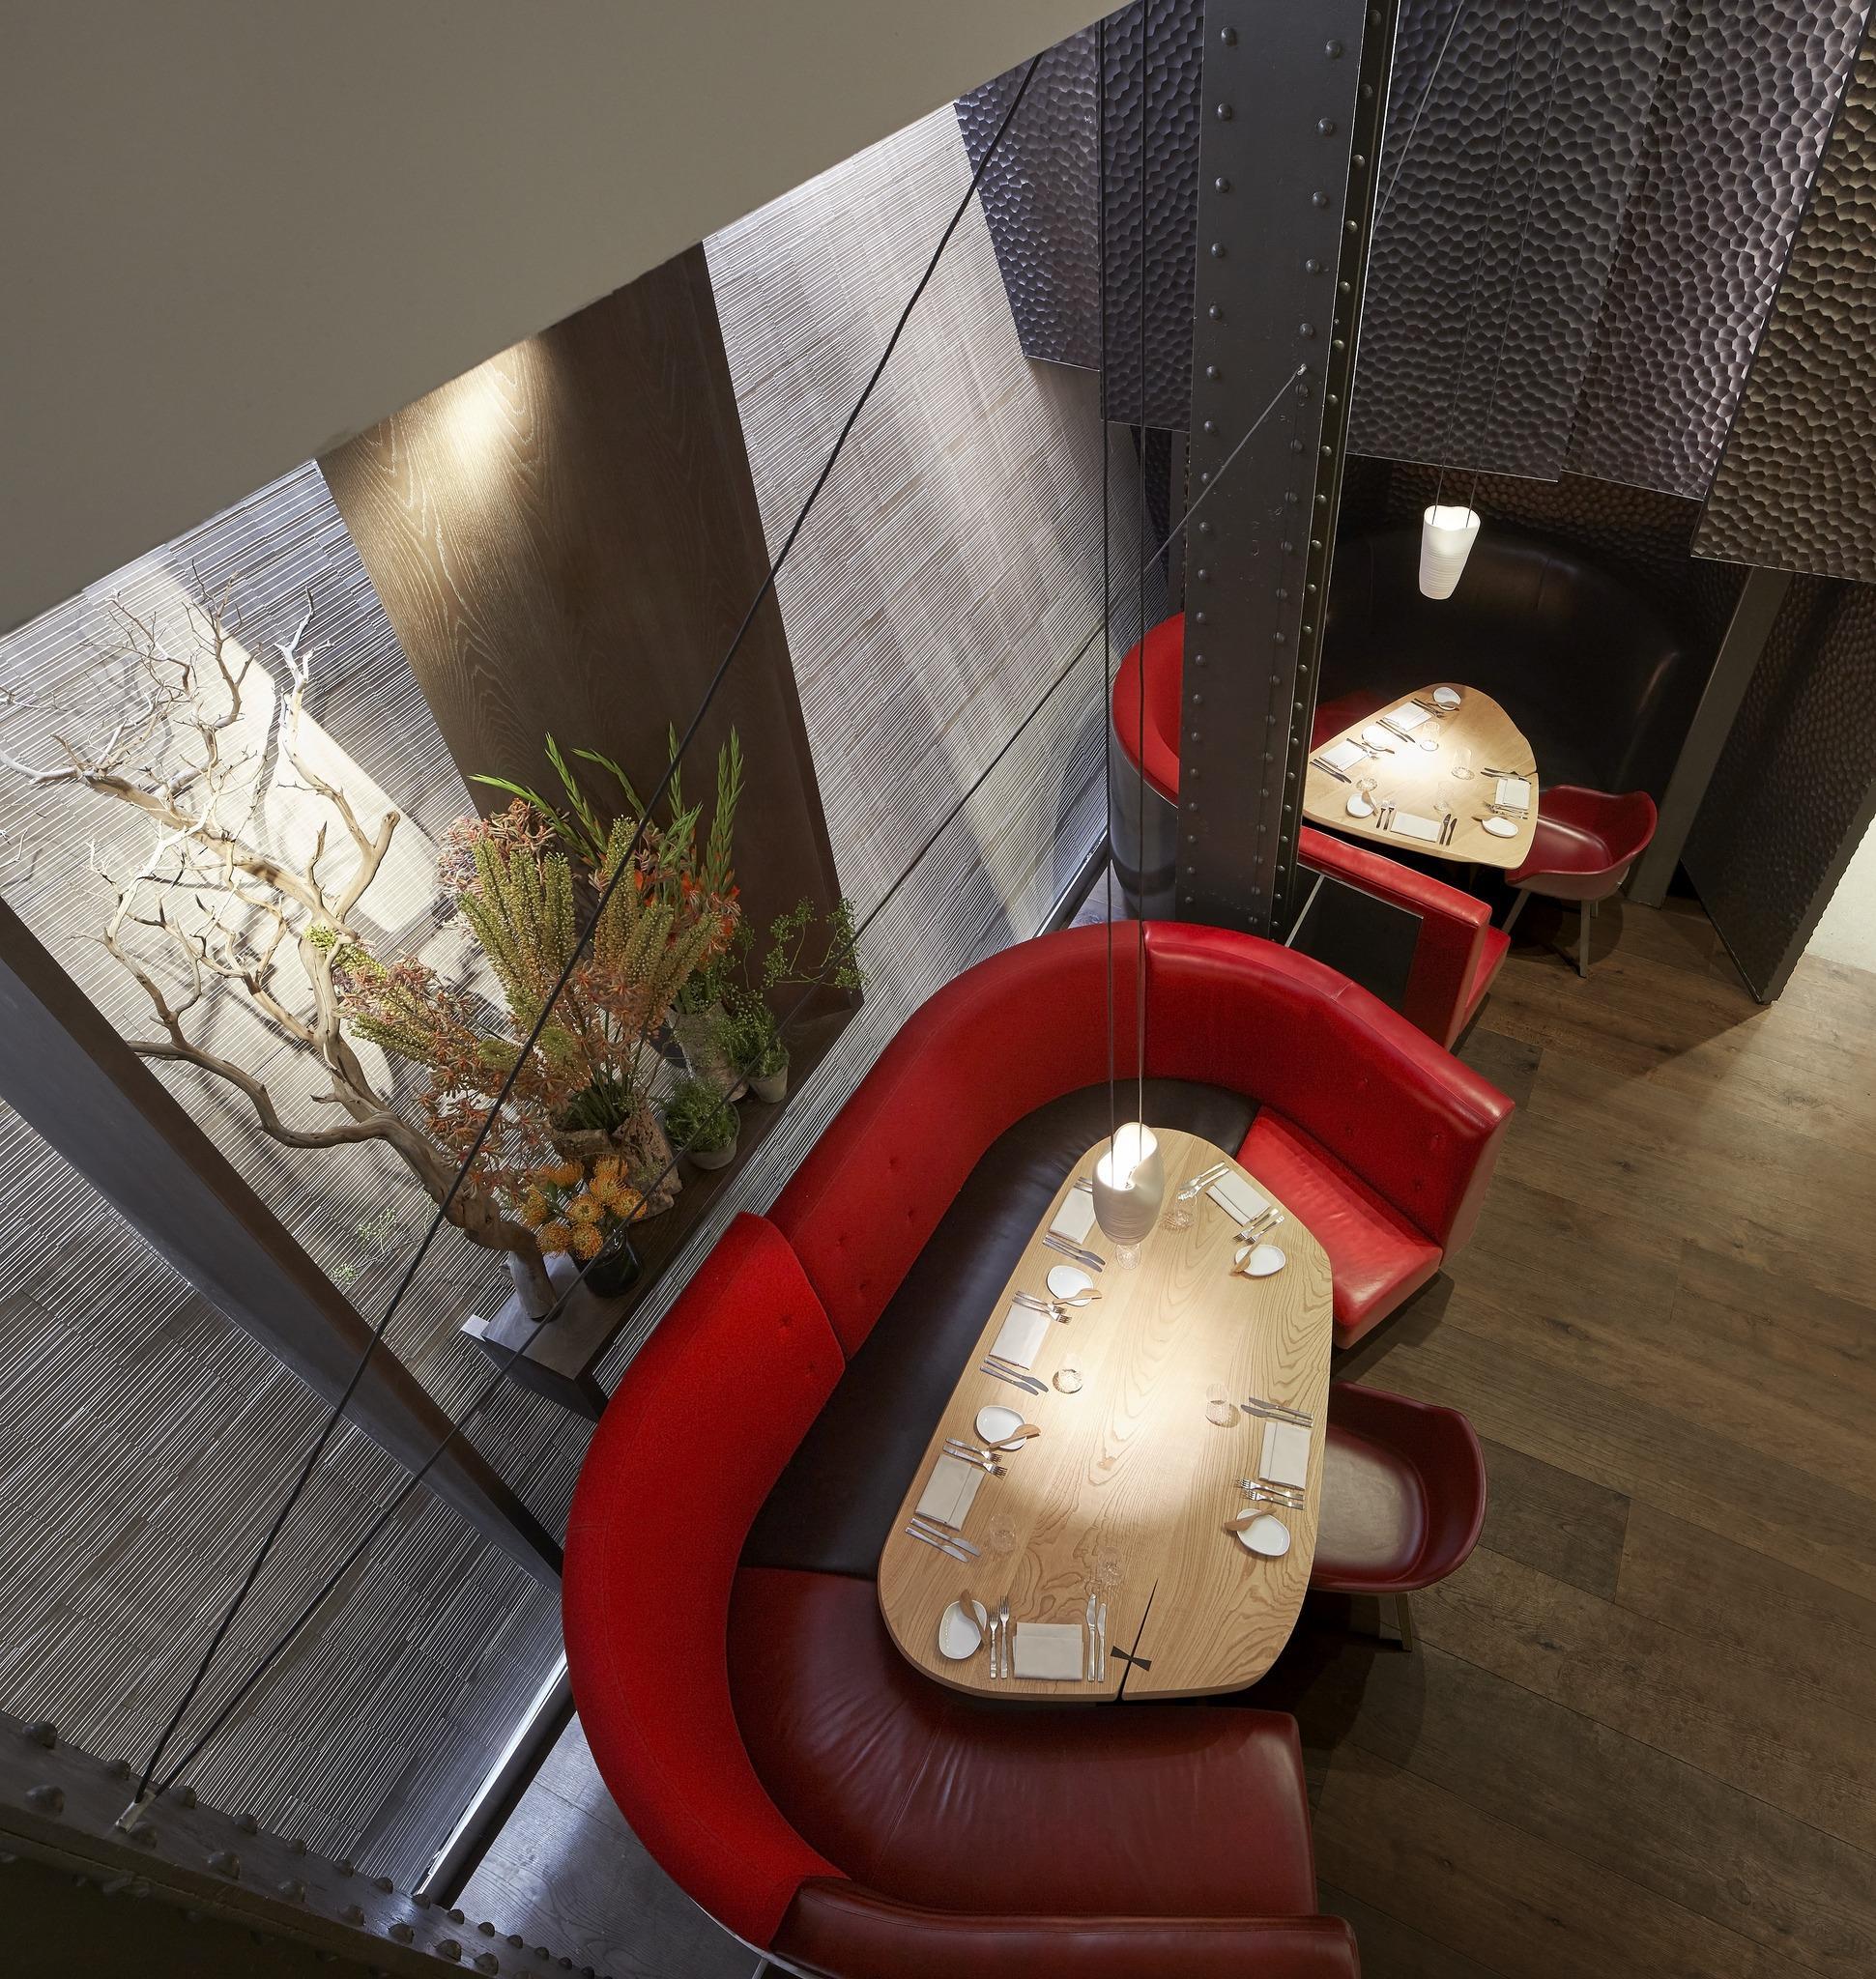 Muebles De Dise O Muebles Modernos Mosel # Muebles Baigorri